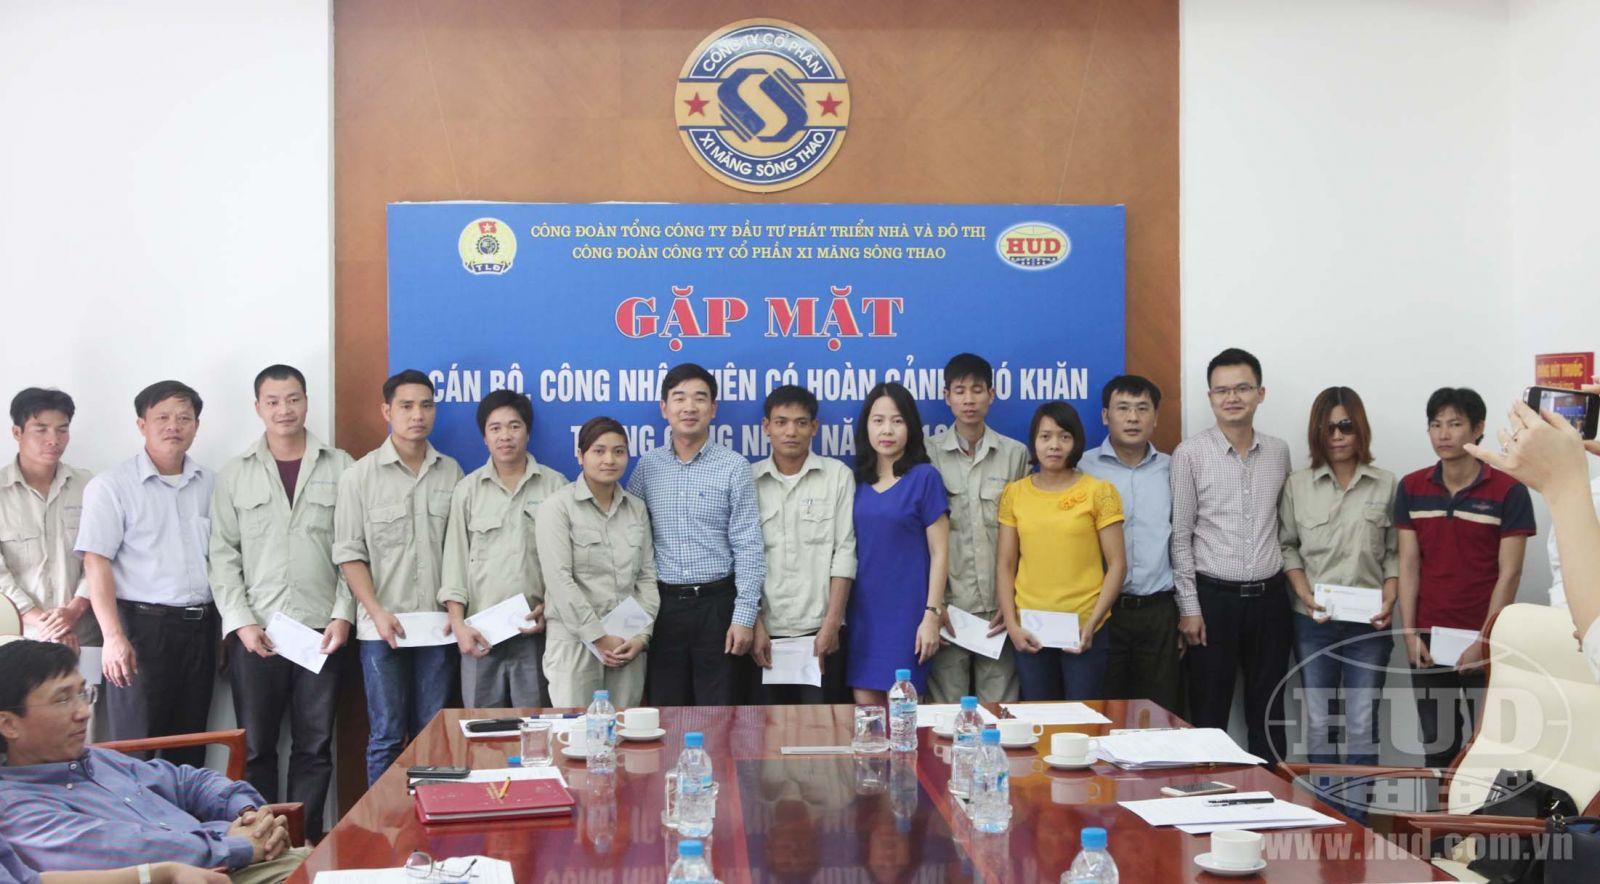 Công đoàn Tổng công ty thăm và tặng quà cho CBCNV người lao động có hoàn cảnh khó khăn và kiểm tra an toàn thực phẩm bếp ăn tập thể tại Công ty CP Xi măng Sông Thao